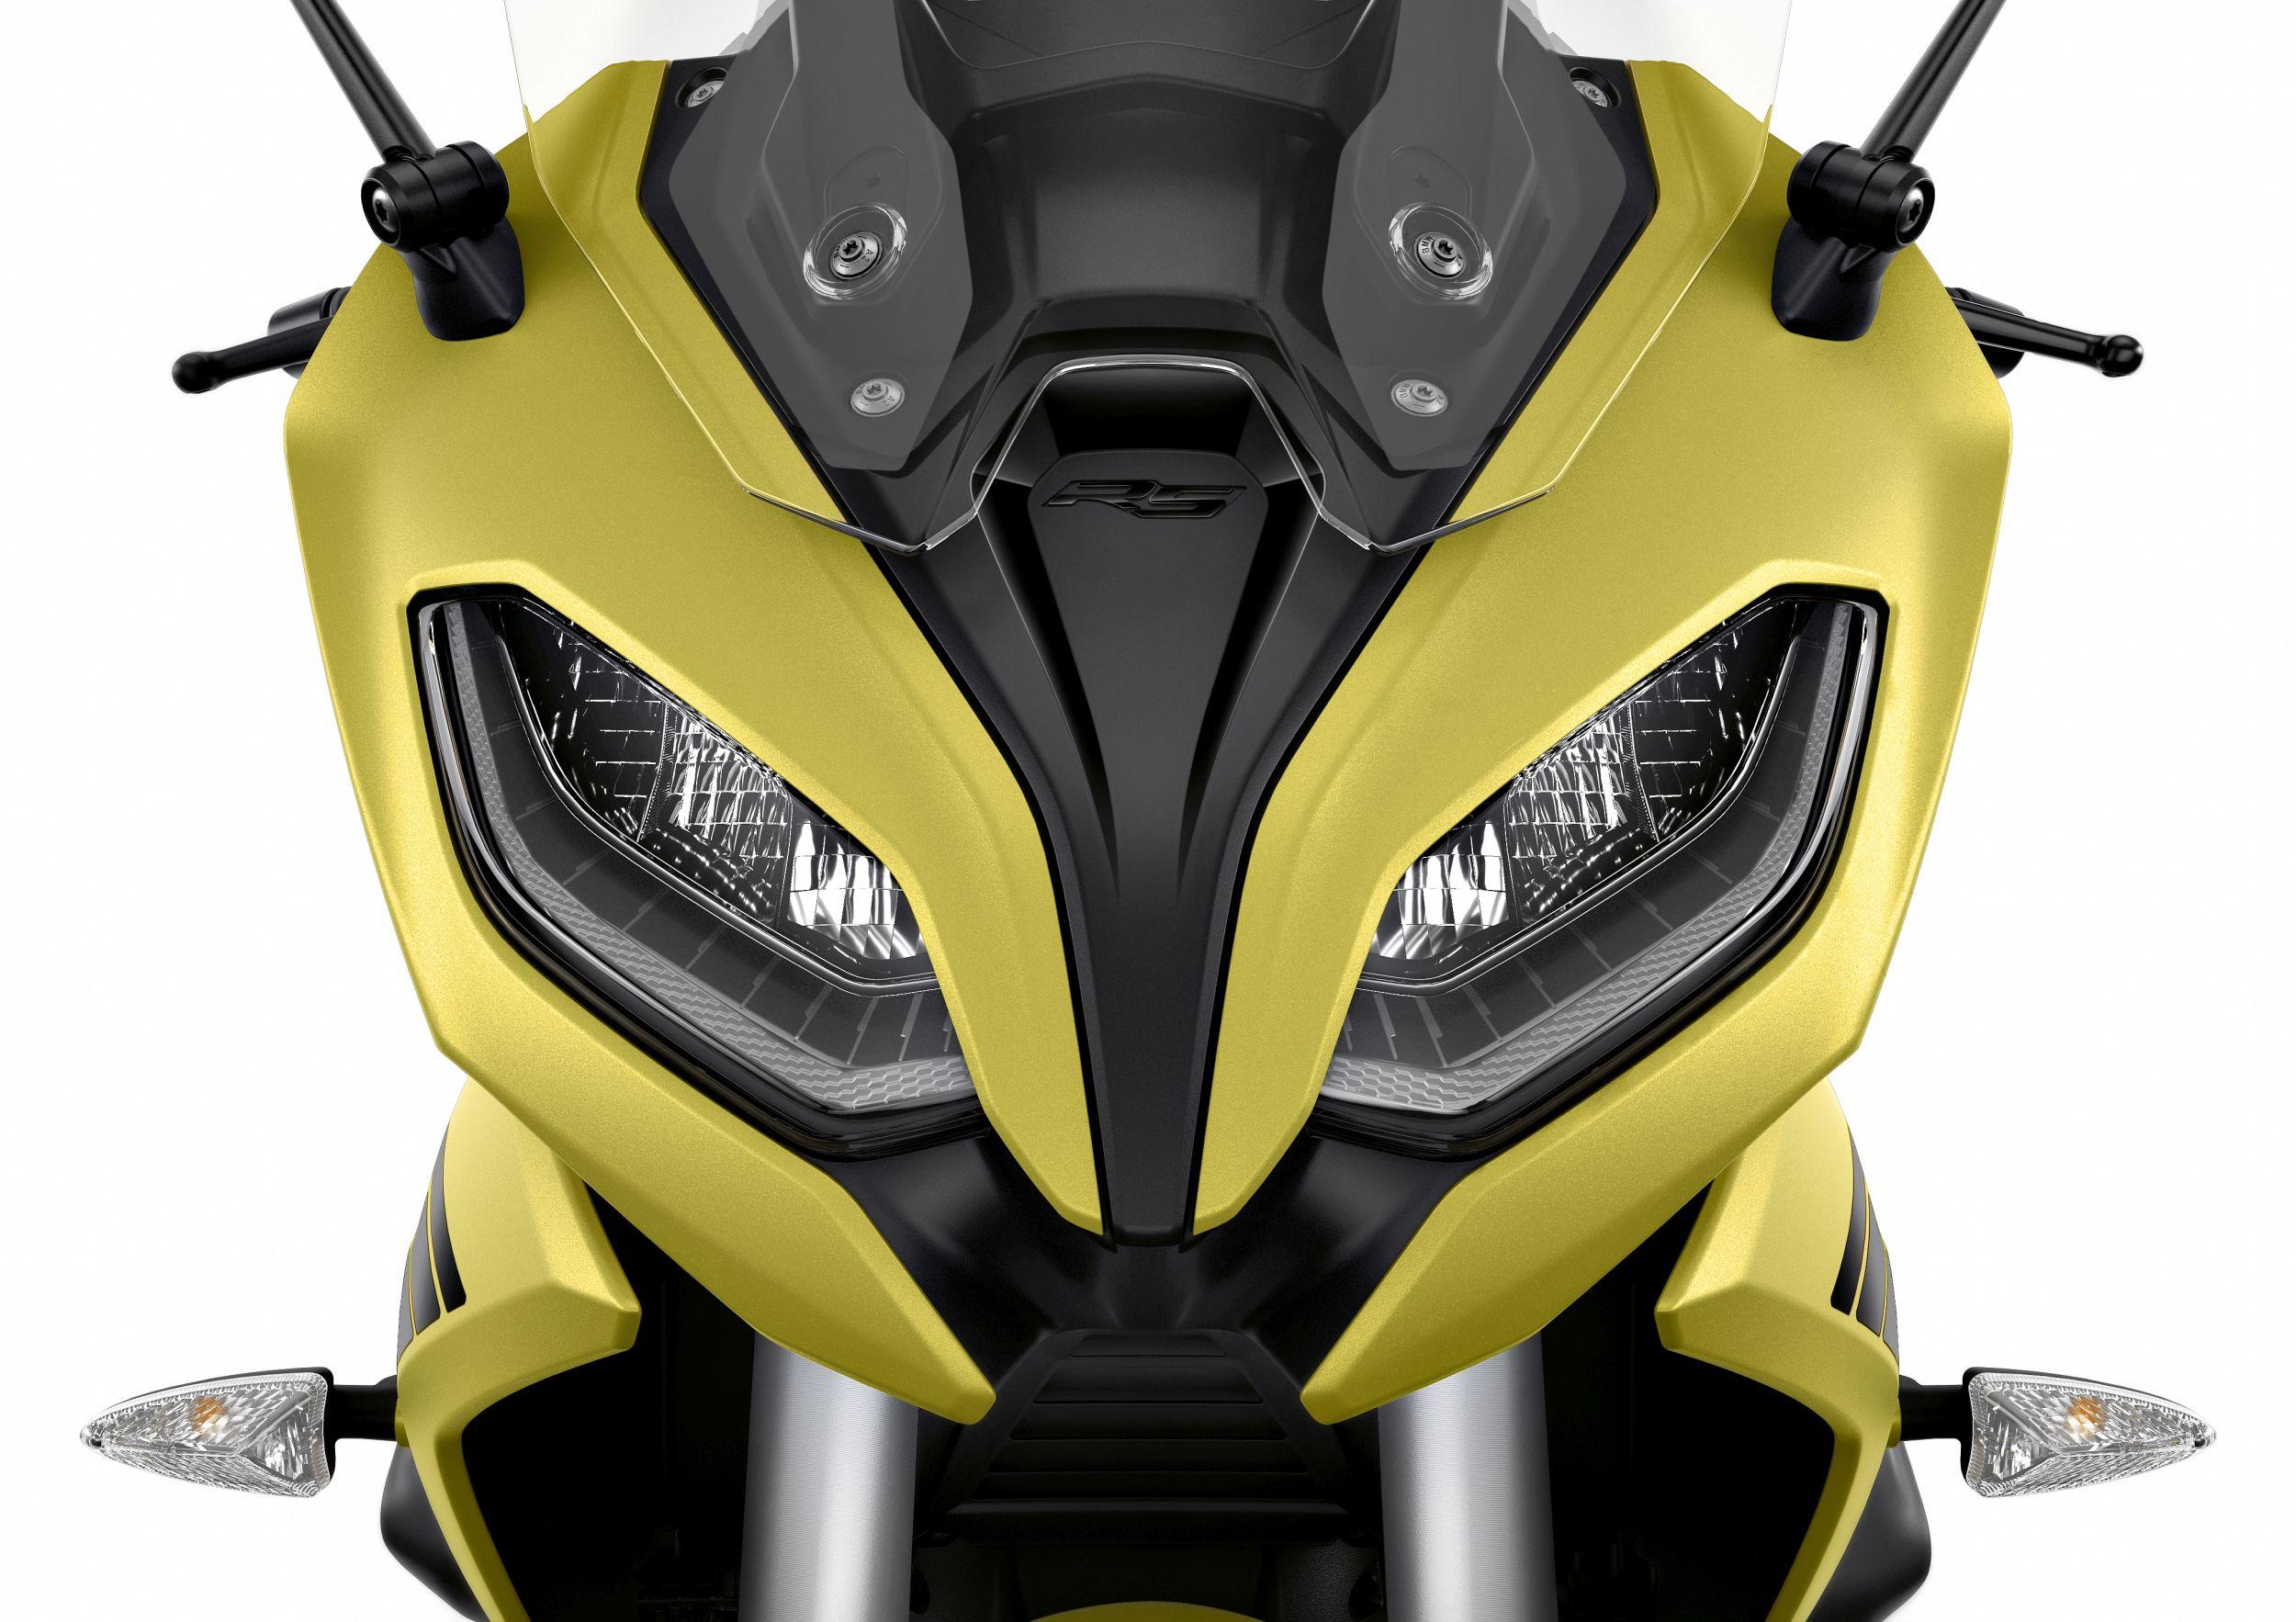 Bmw R 1250 Rs Alle Technischen Daten Zum Modell R 1250 Rs Von Bmw